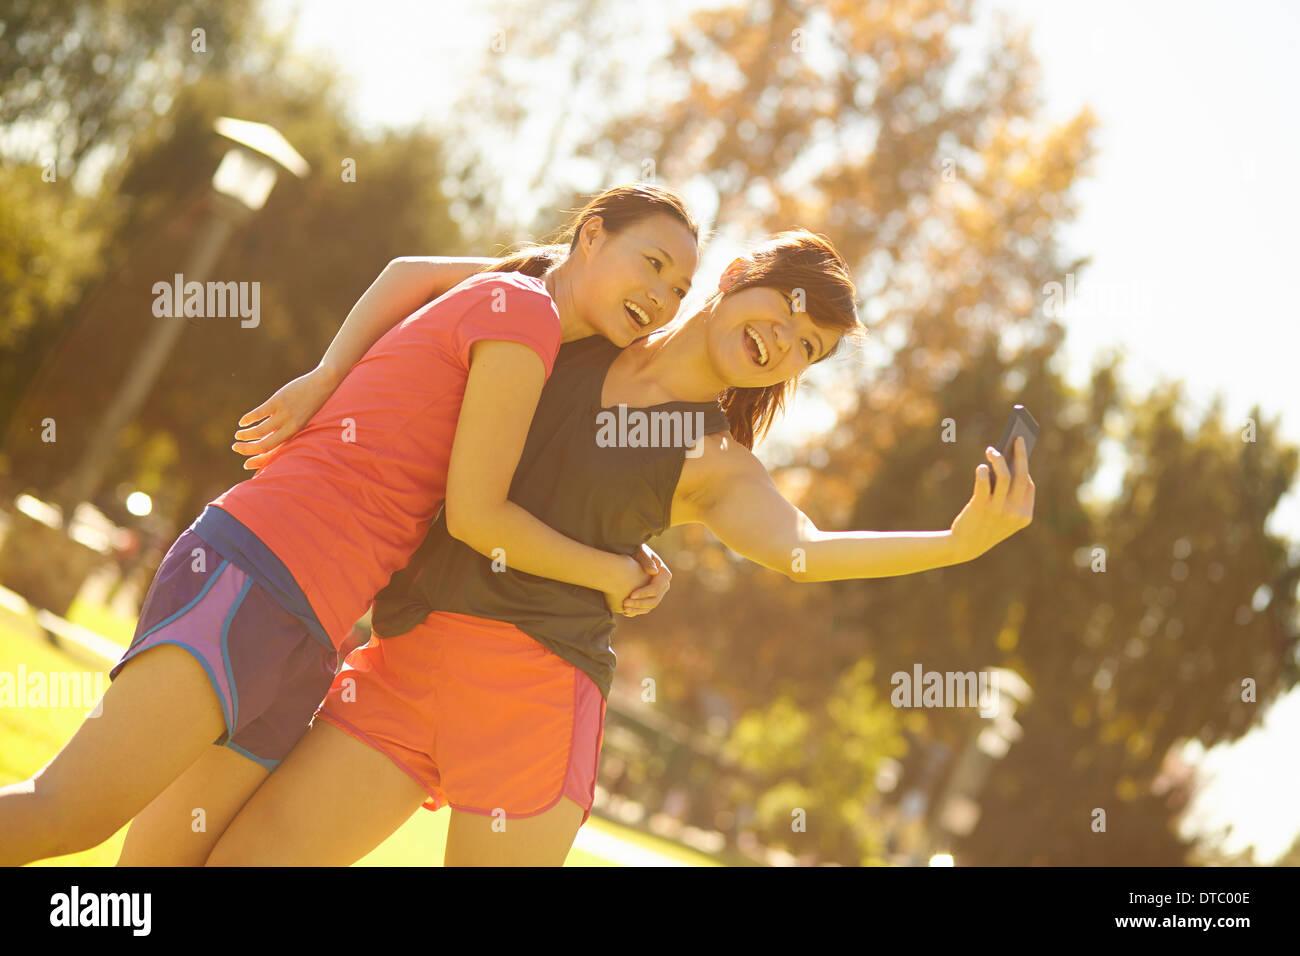 Deux jeunes femmes taking Self Portrait in park Banque D'Images